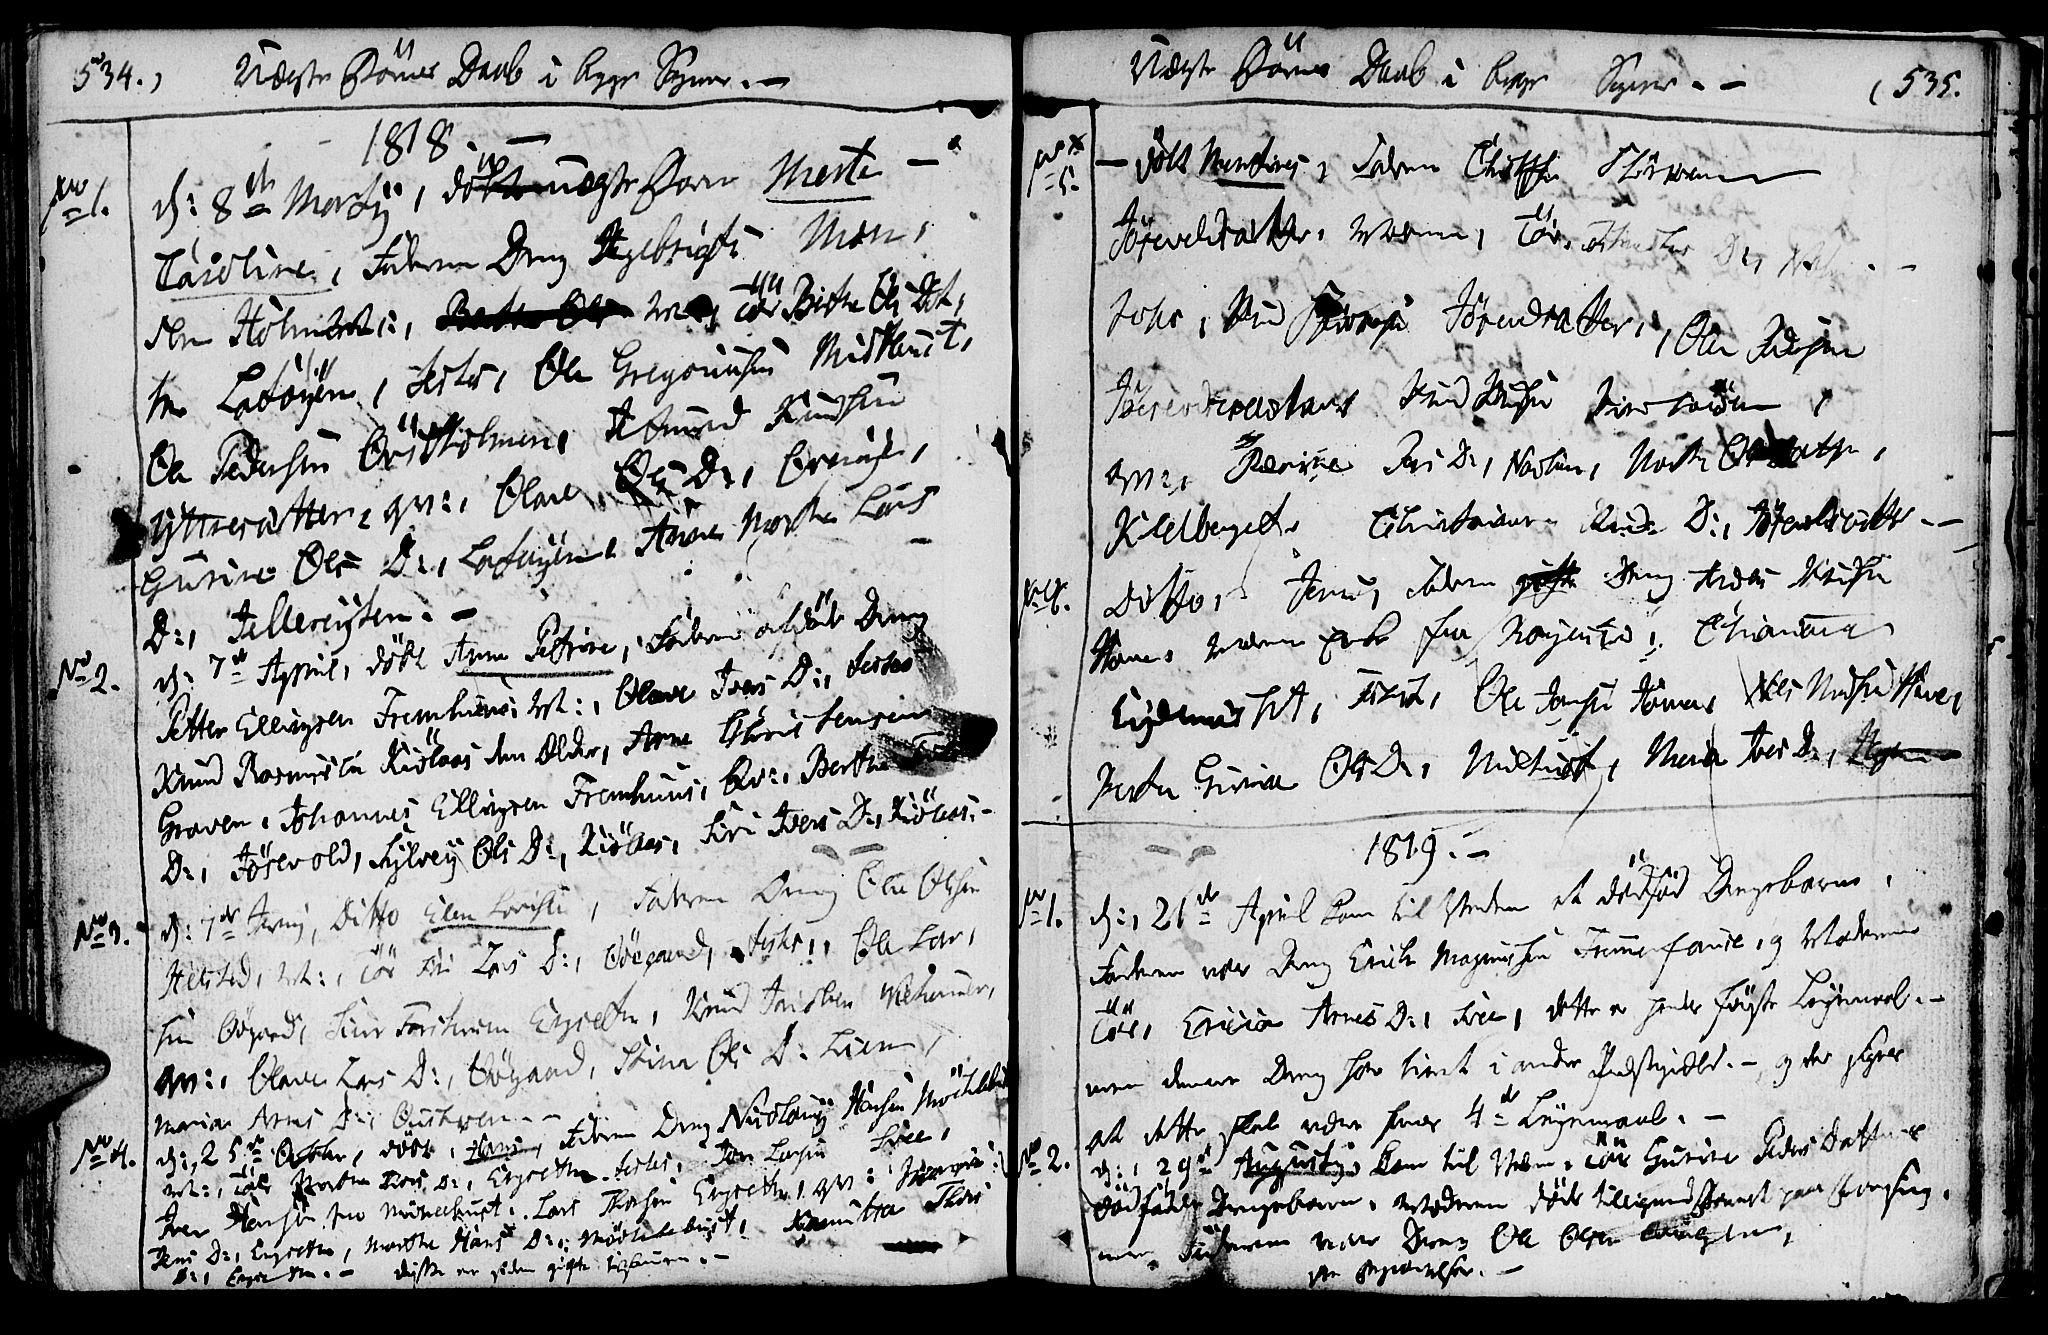 SAT, Ministerialprotokoller, klokkerbøker og fødselsregistre - Møre og Romsdal, 520/L0272: Ministerialbok nr. 520A02, 1802-1827, s. 534-535